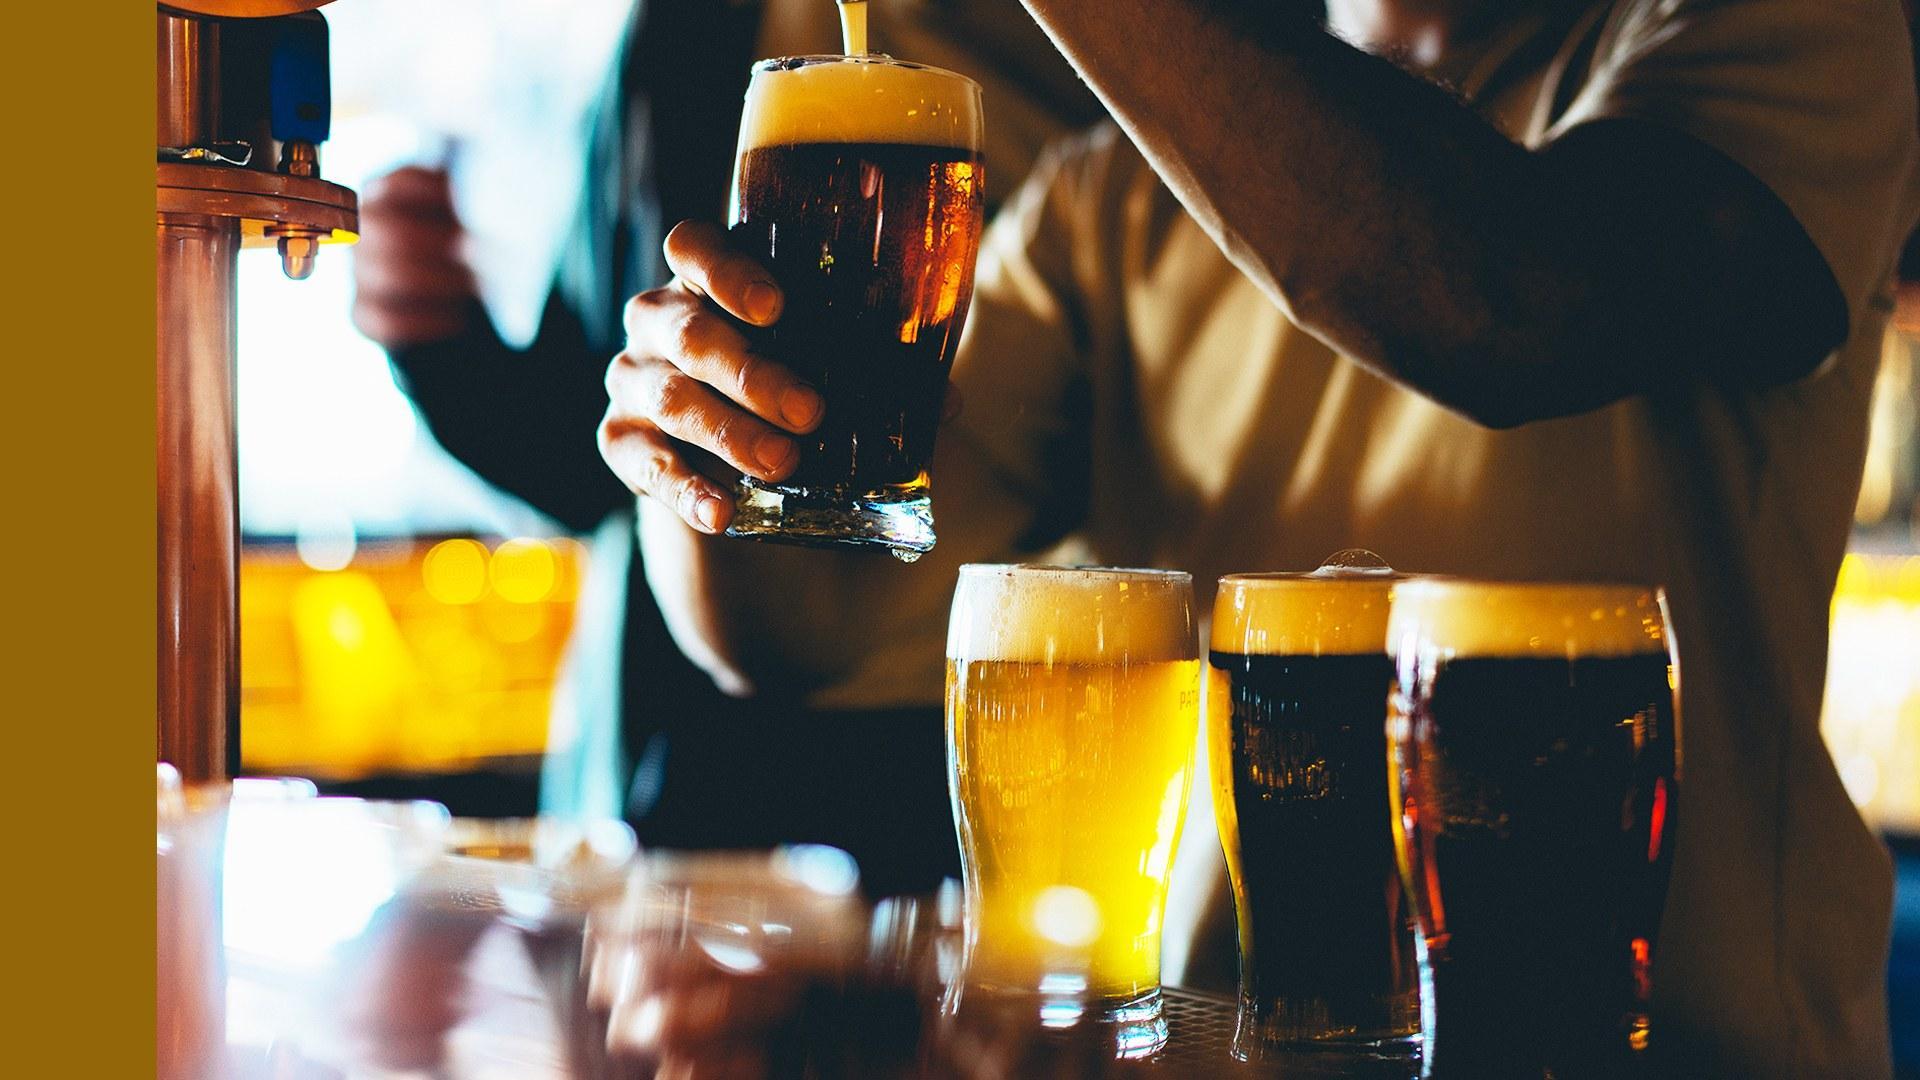 Разовая доза кетамина может снизить употребление алкоголя